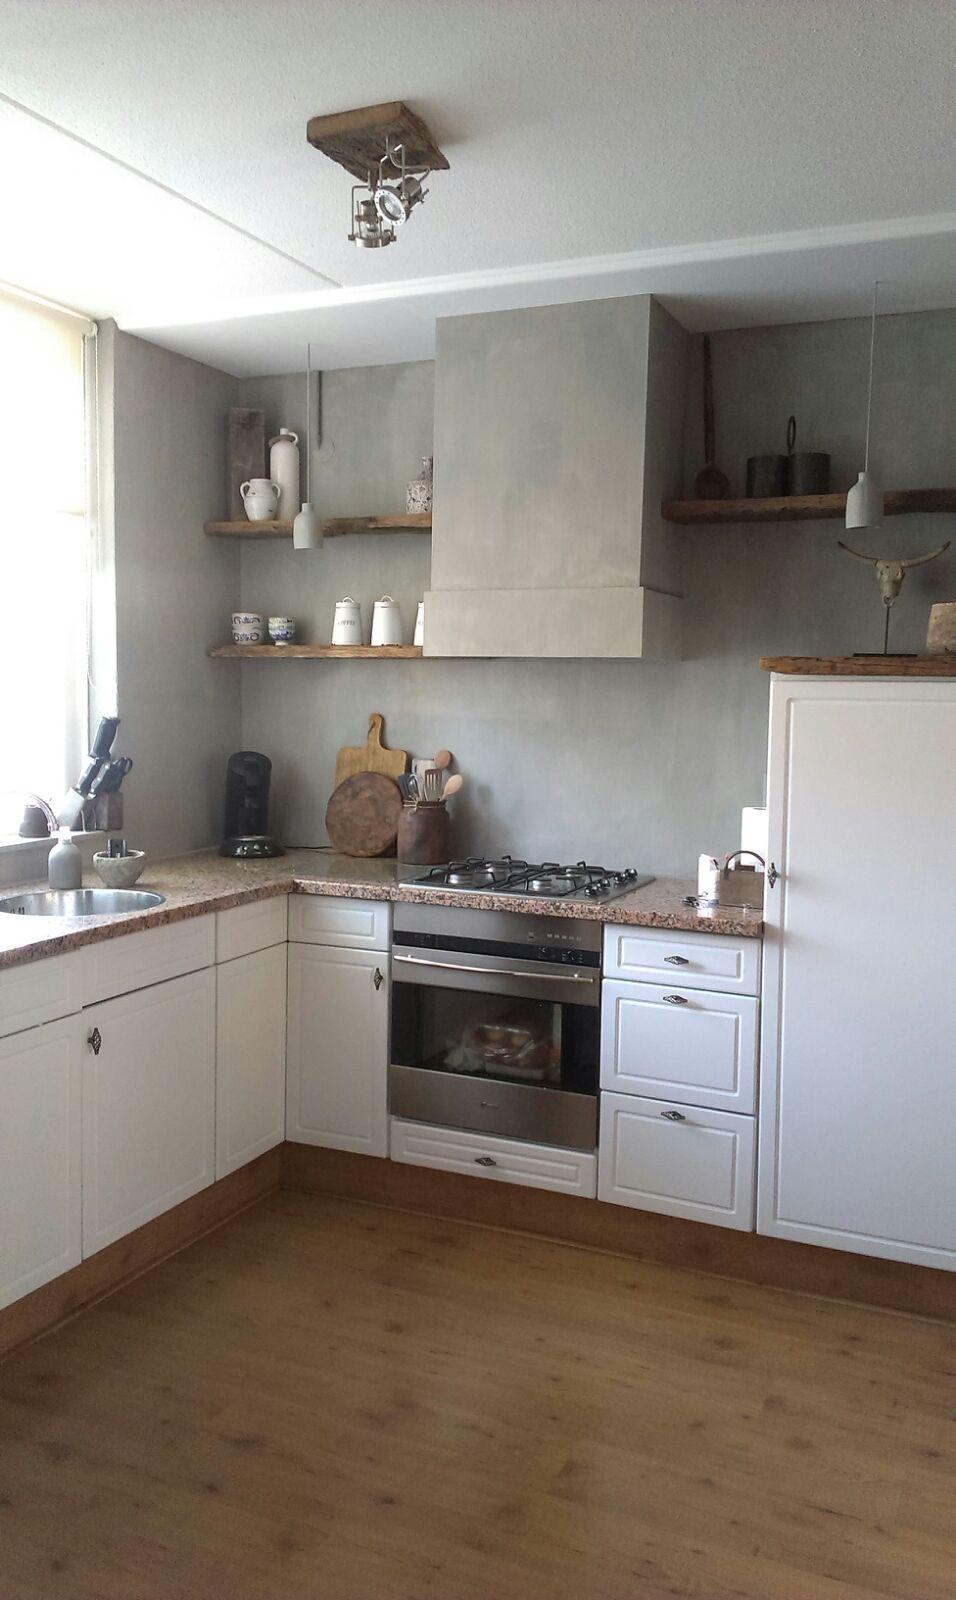 wonen in je eigen stijl: Blij met de keuken